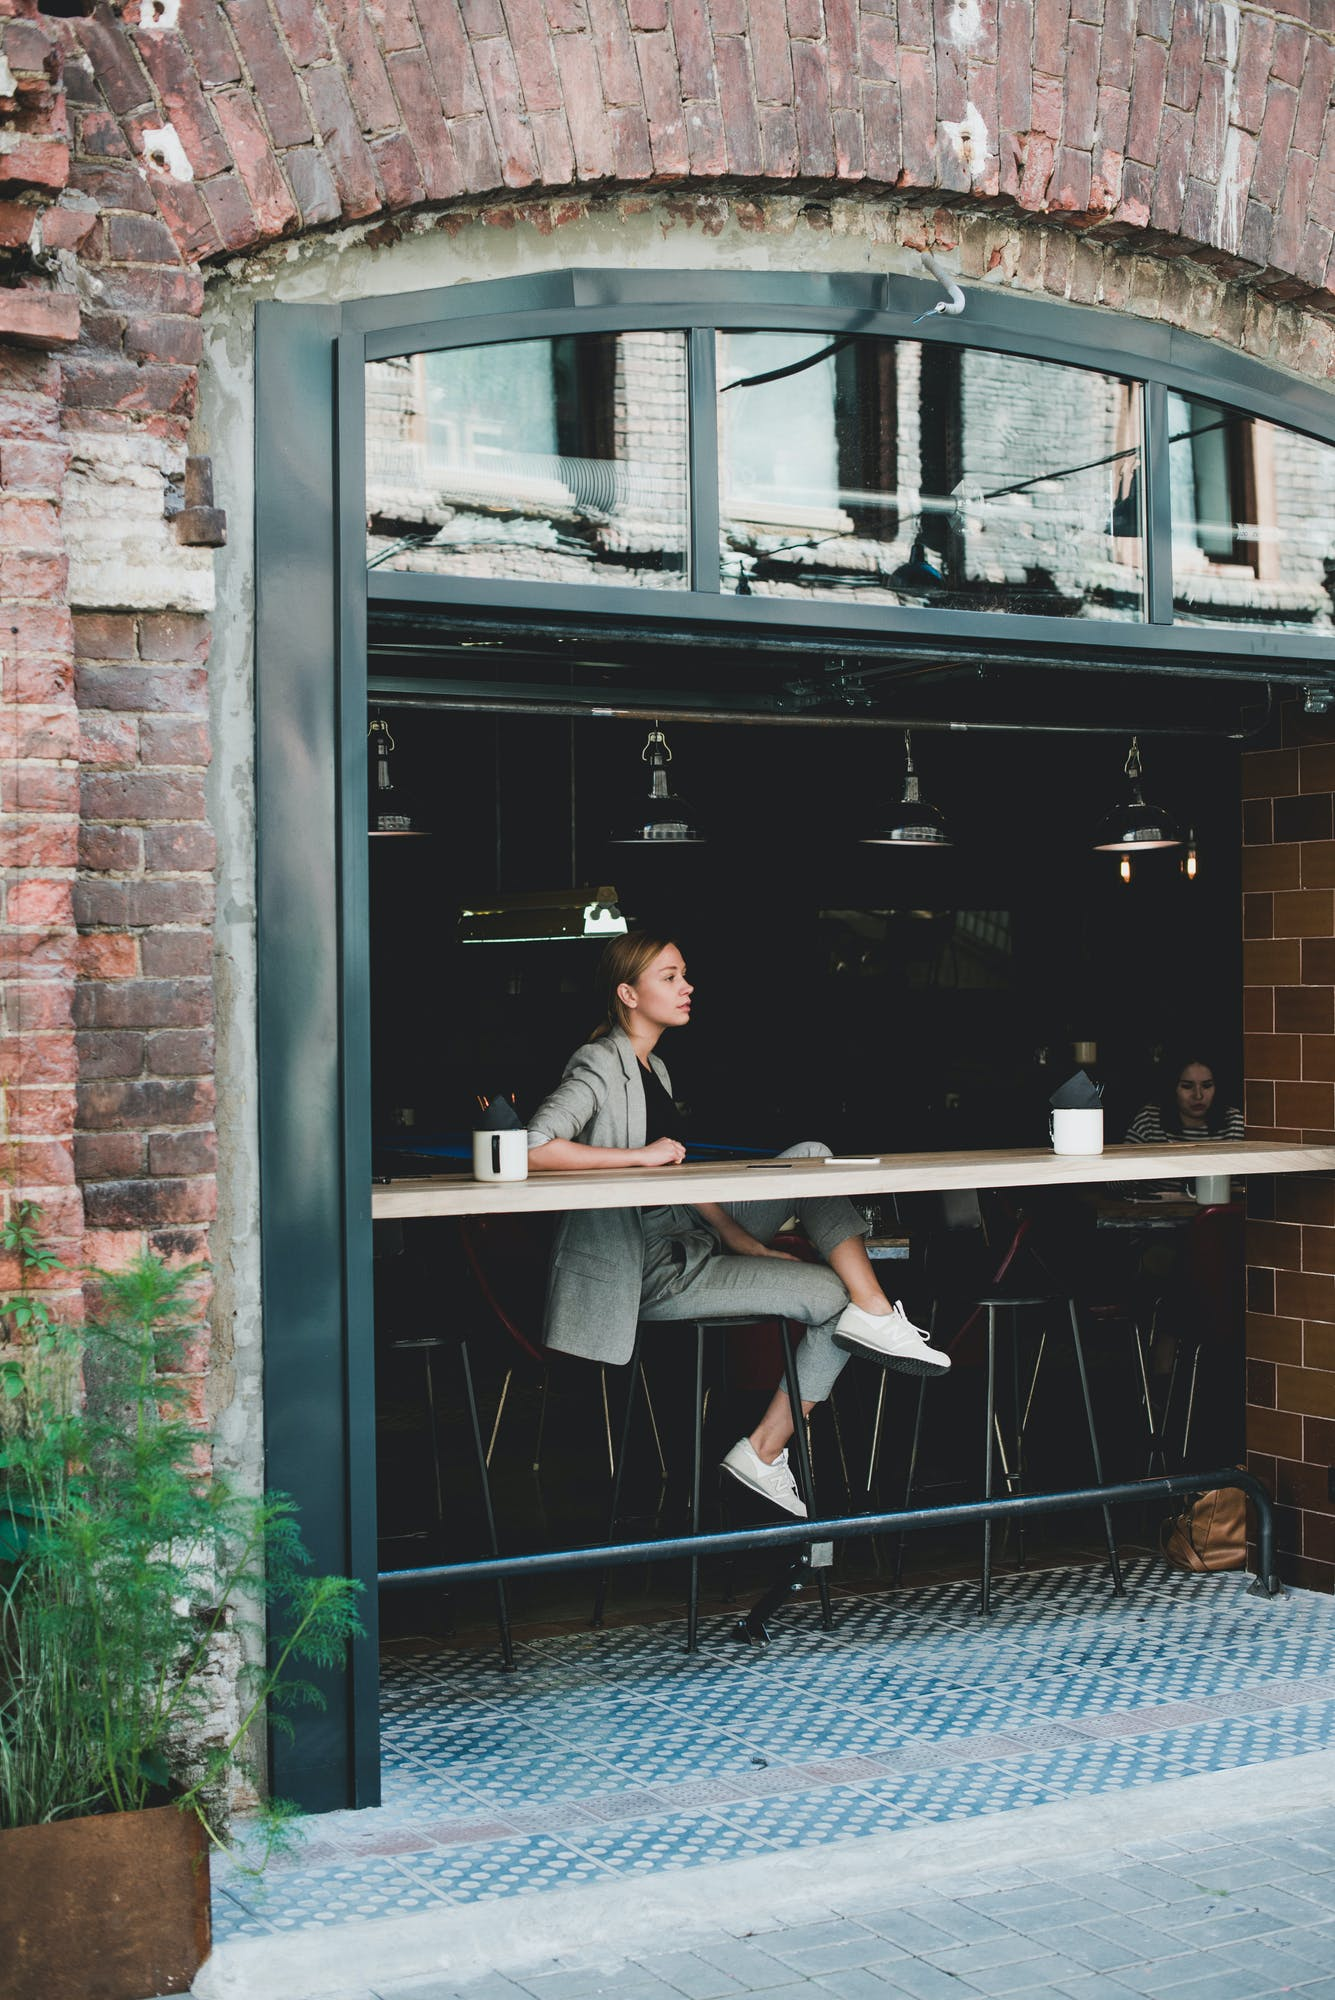 Coffee Shop İle Tanışmadıysanız Sizleri Bekliyoruz